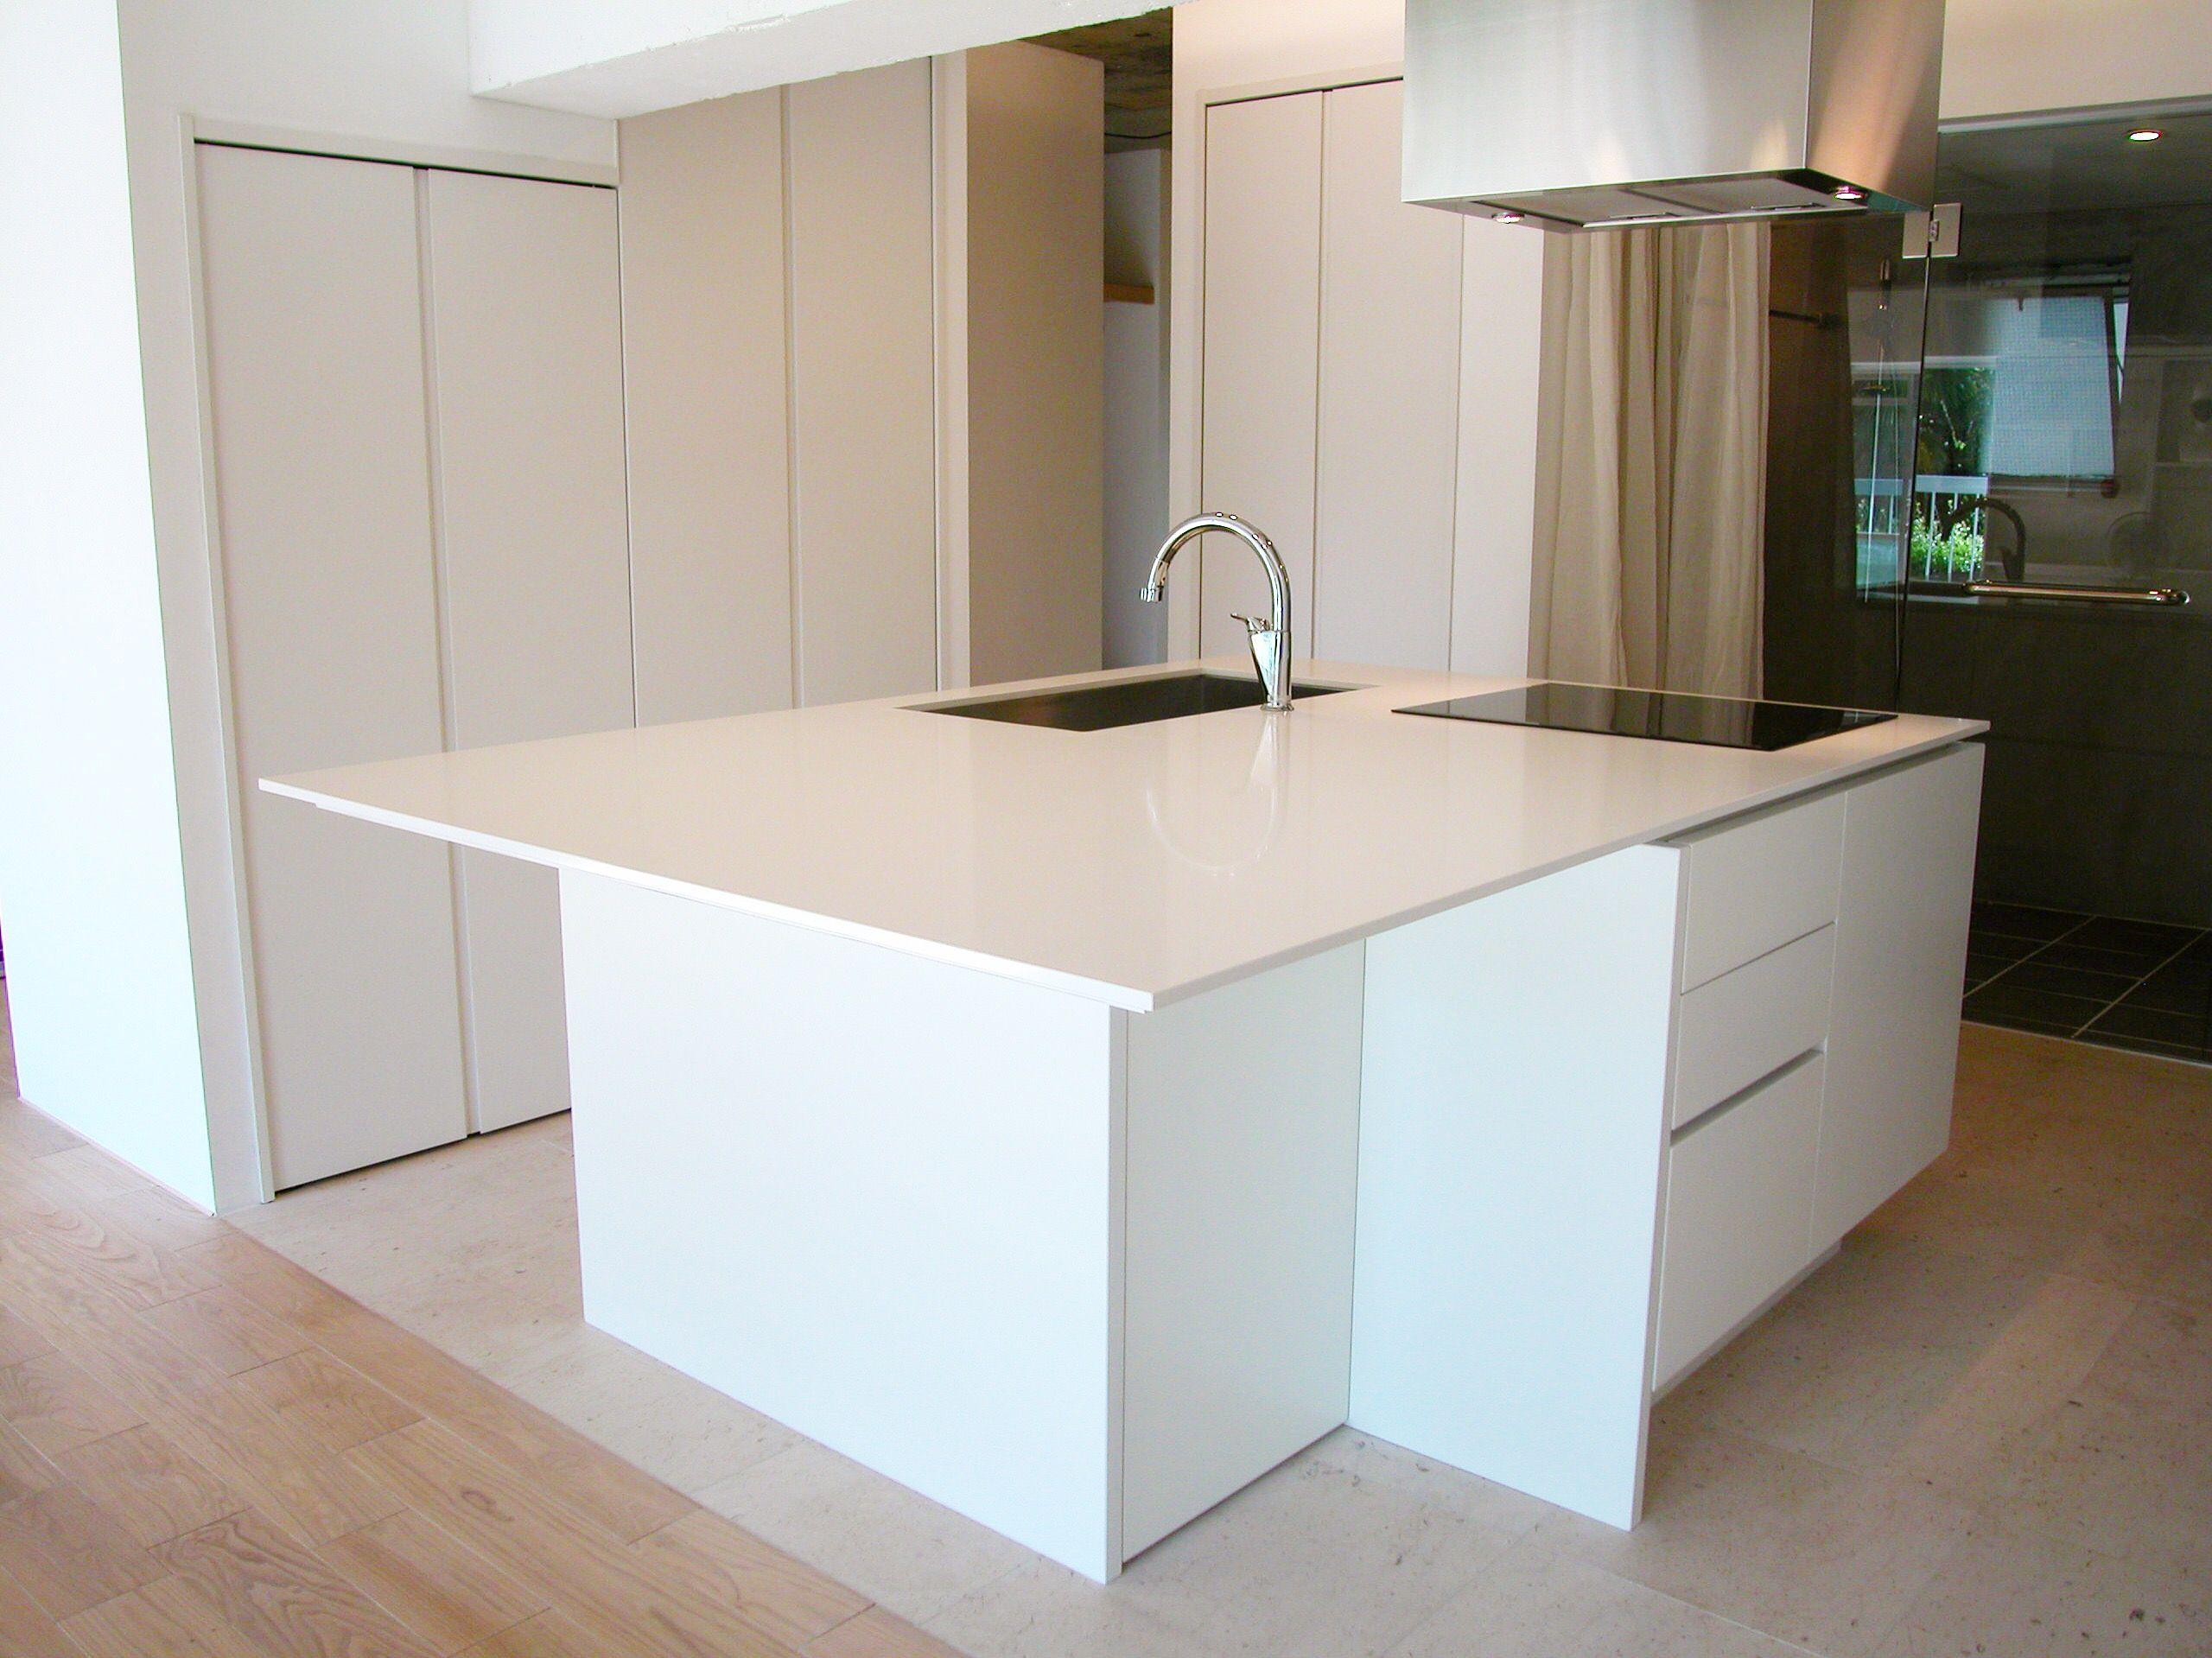 施工事例 アイランドキッチン 変形型アイランドキッチンです